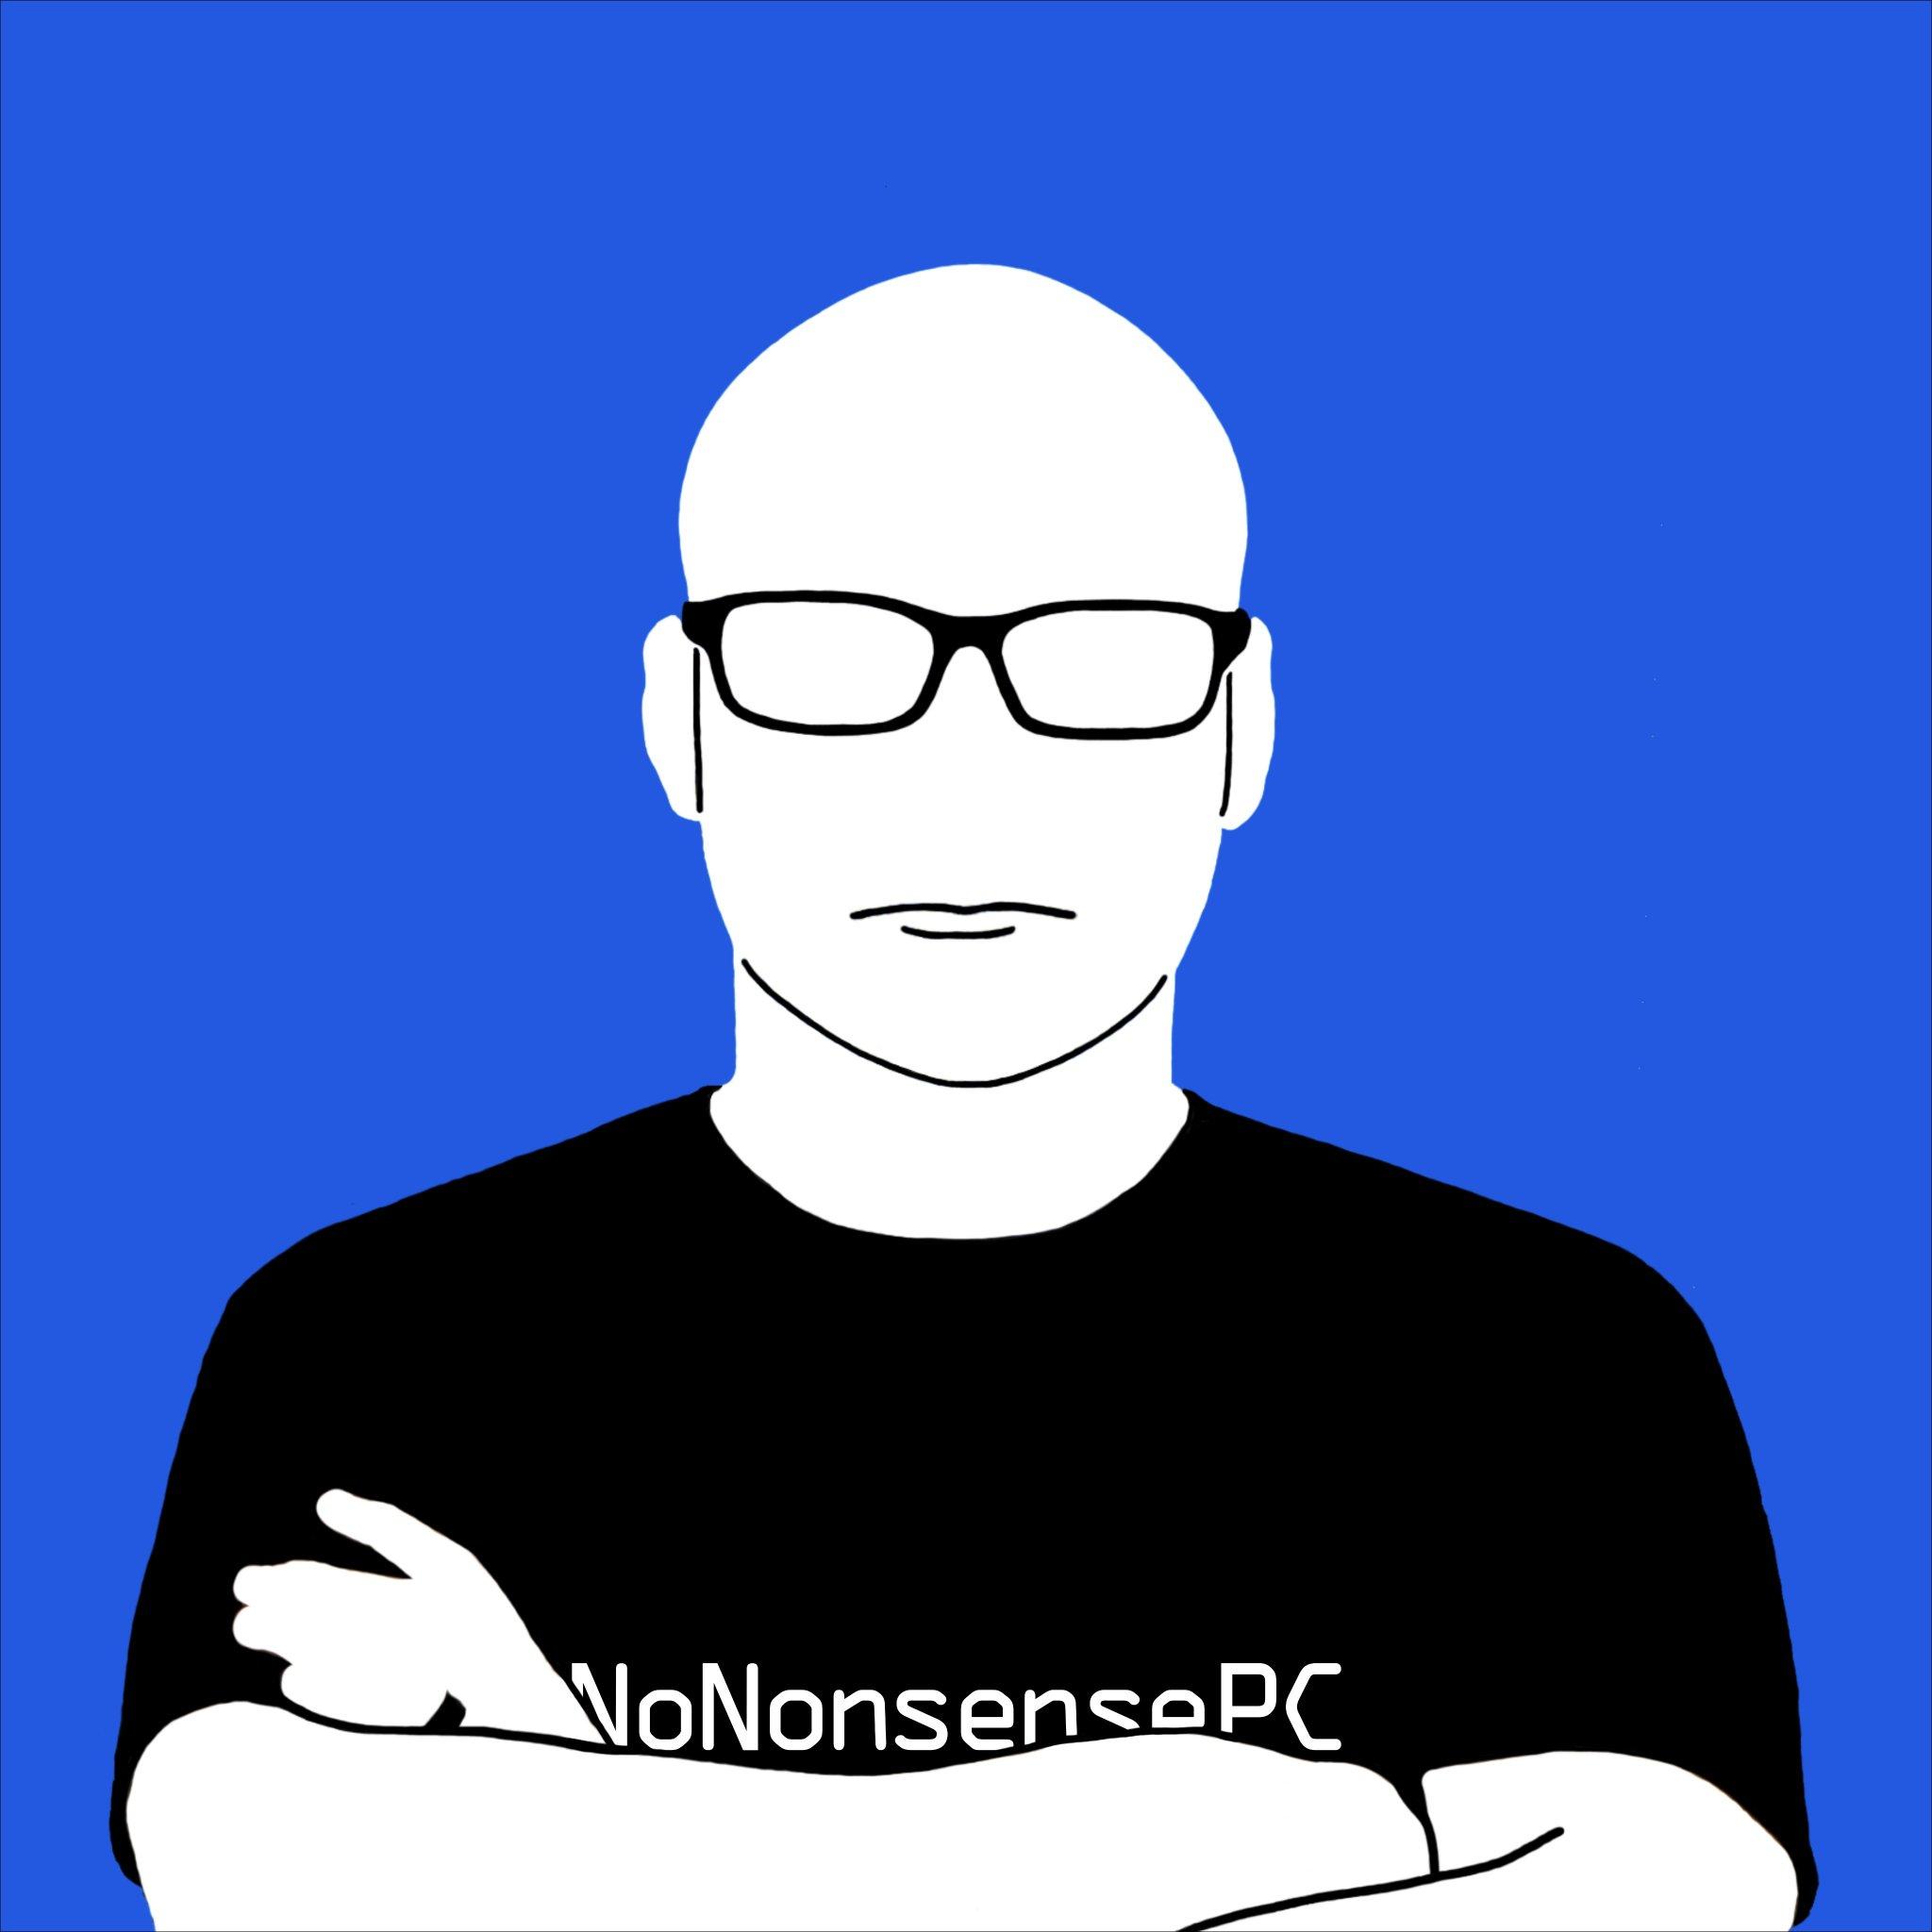 NoNonsensePC